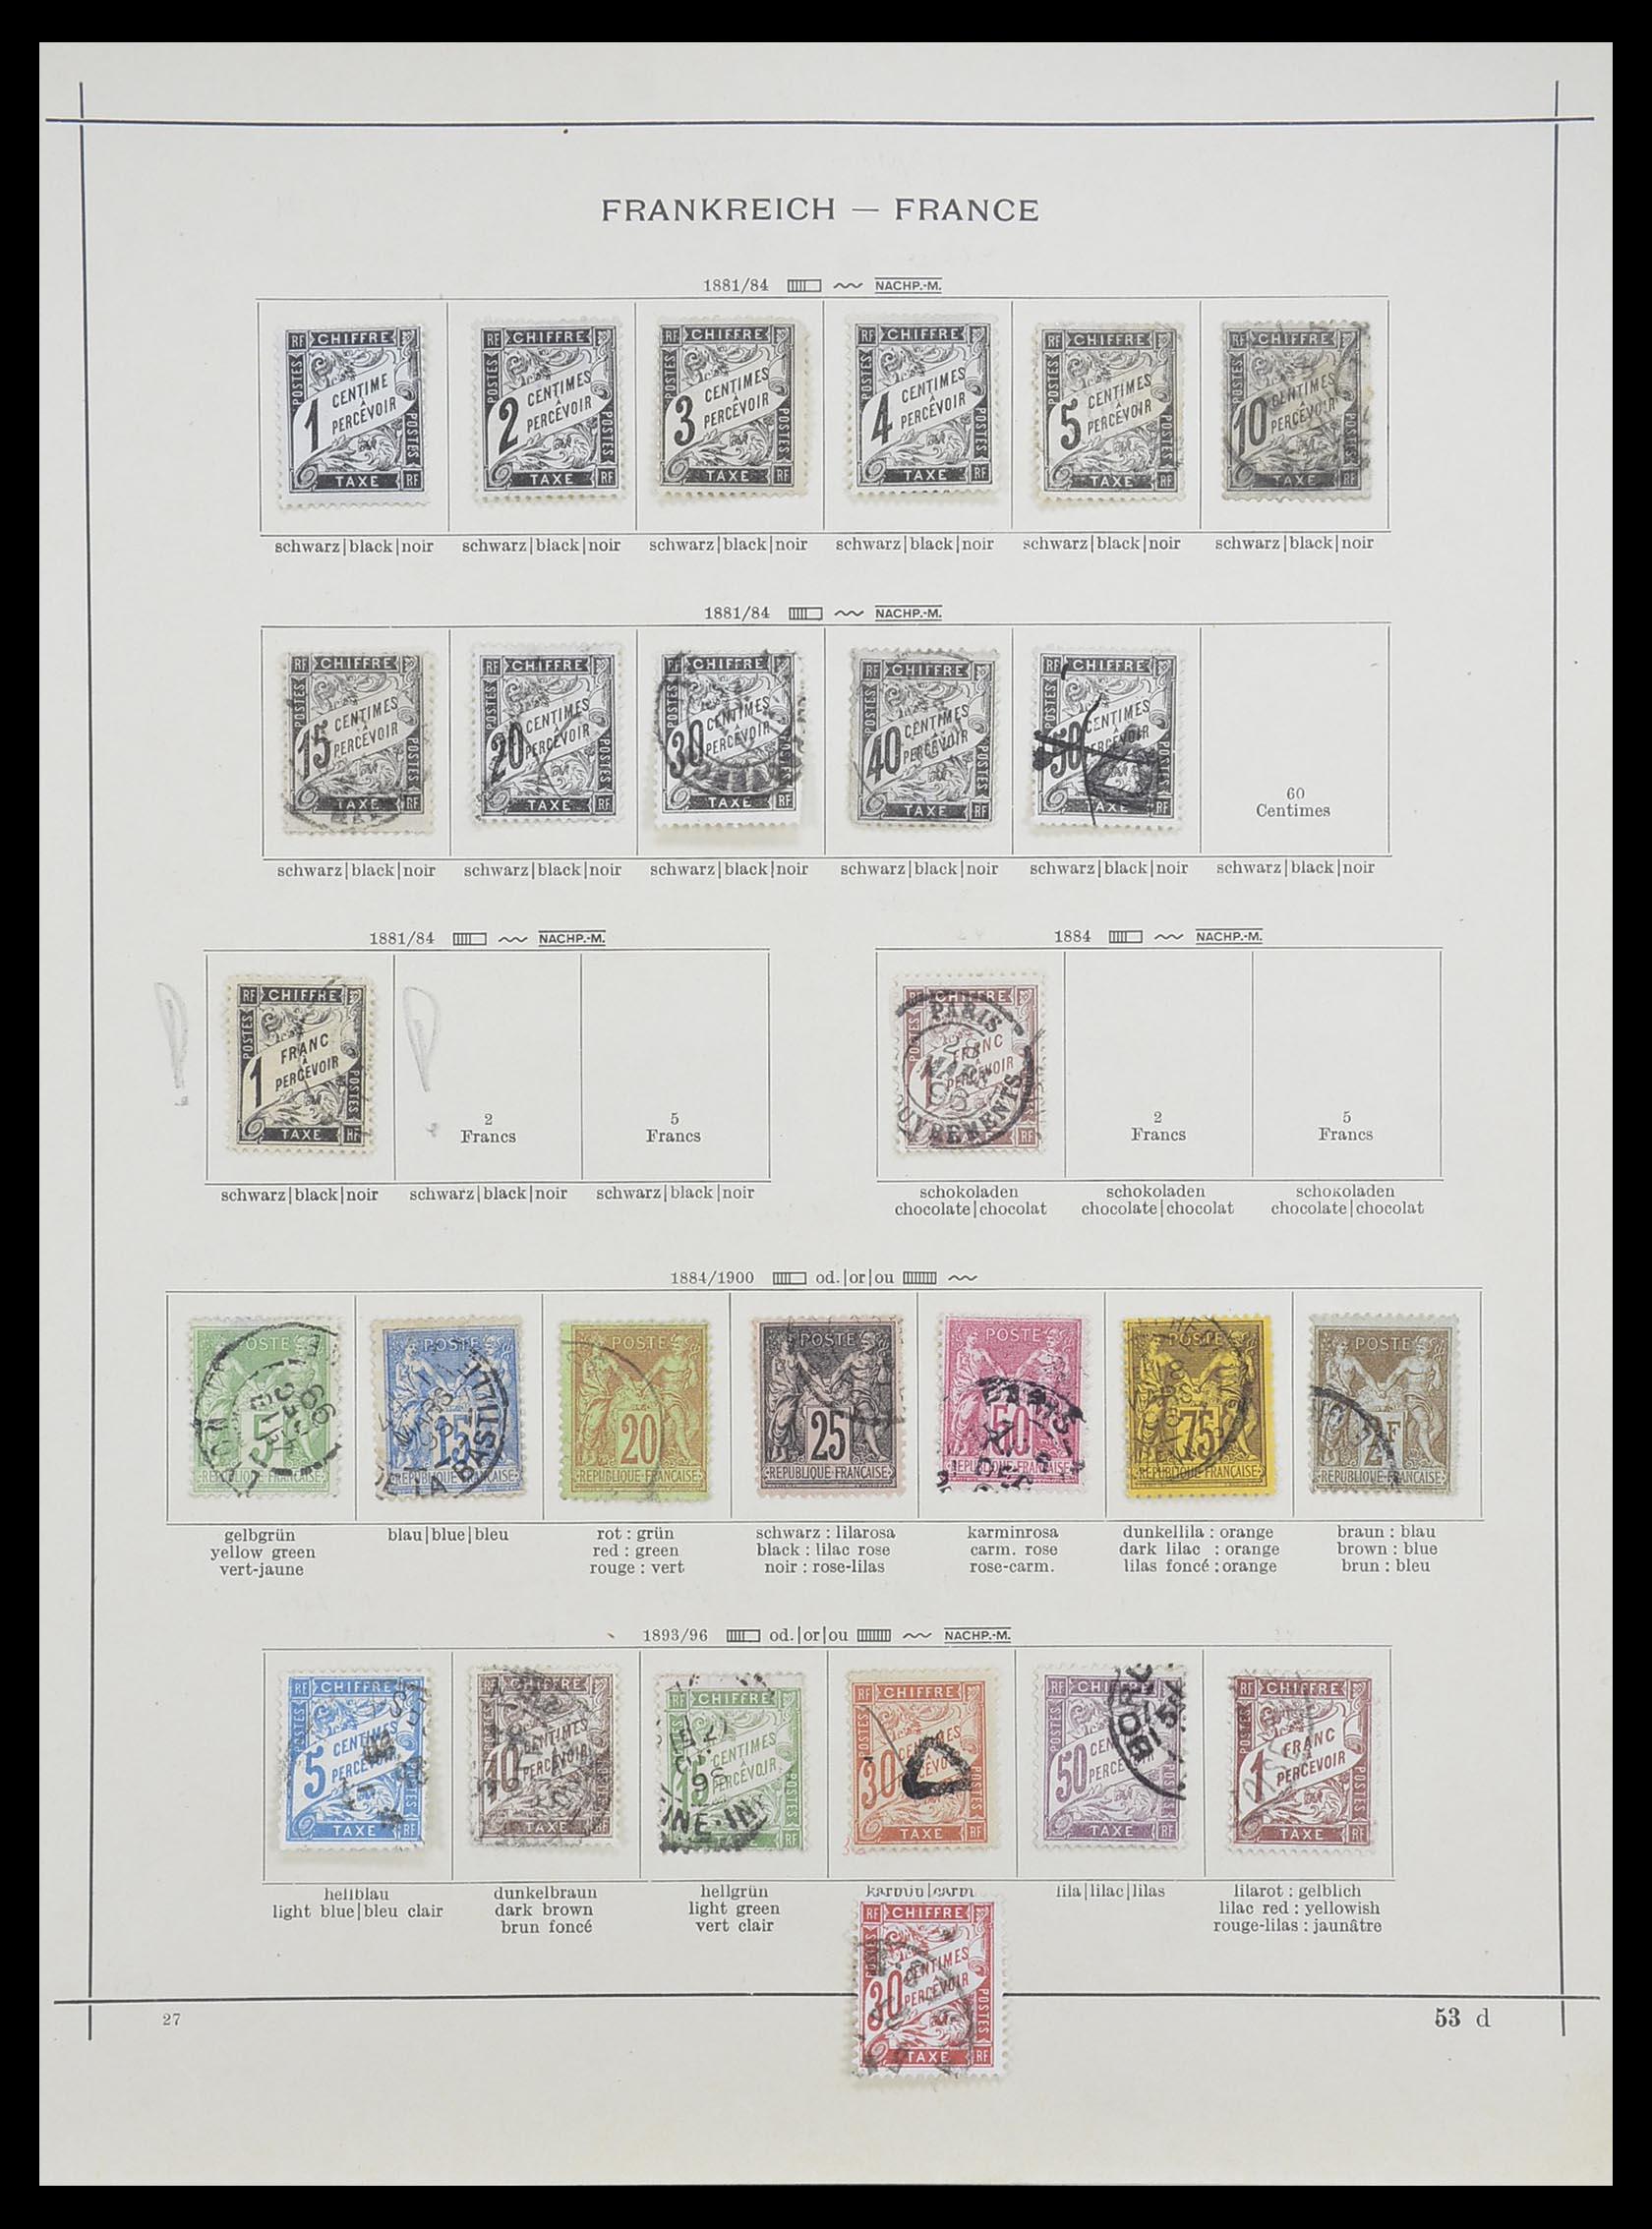 33919 005 - Postzegelverzameling 33919 Frankrijk 1849-1946.